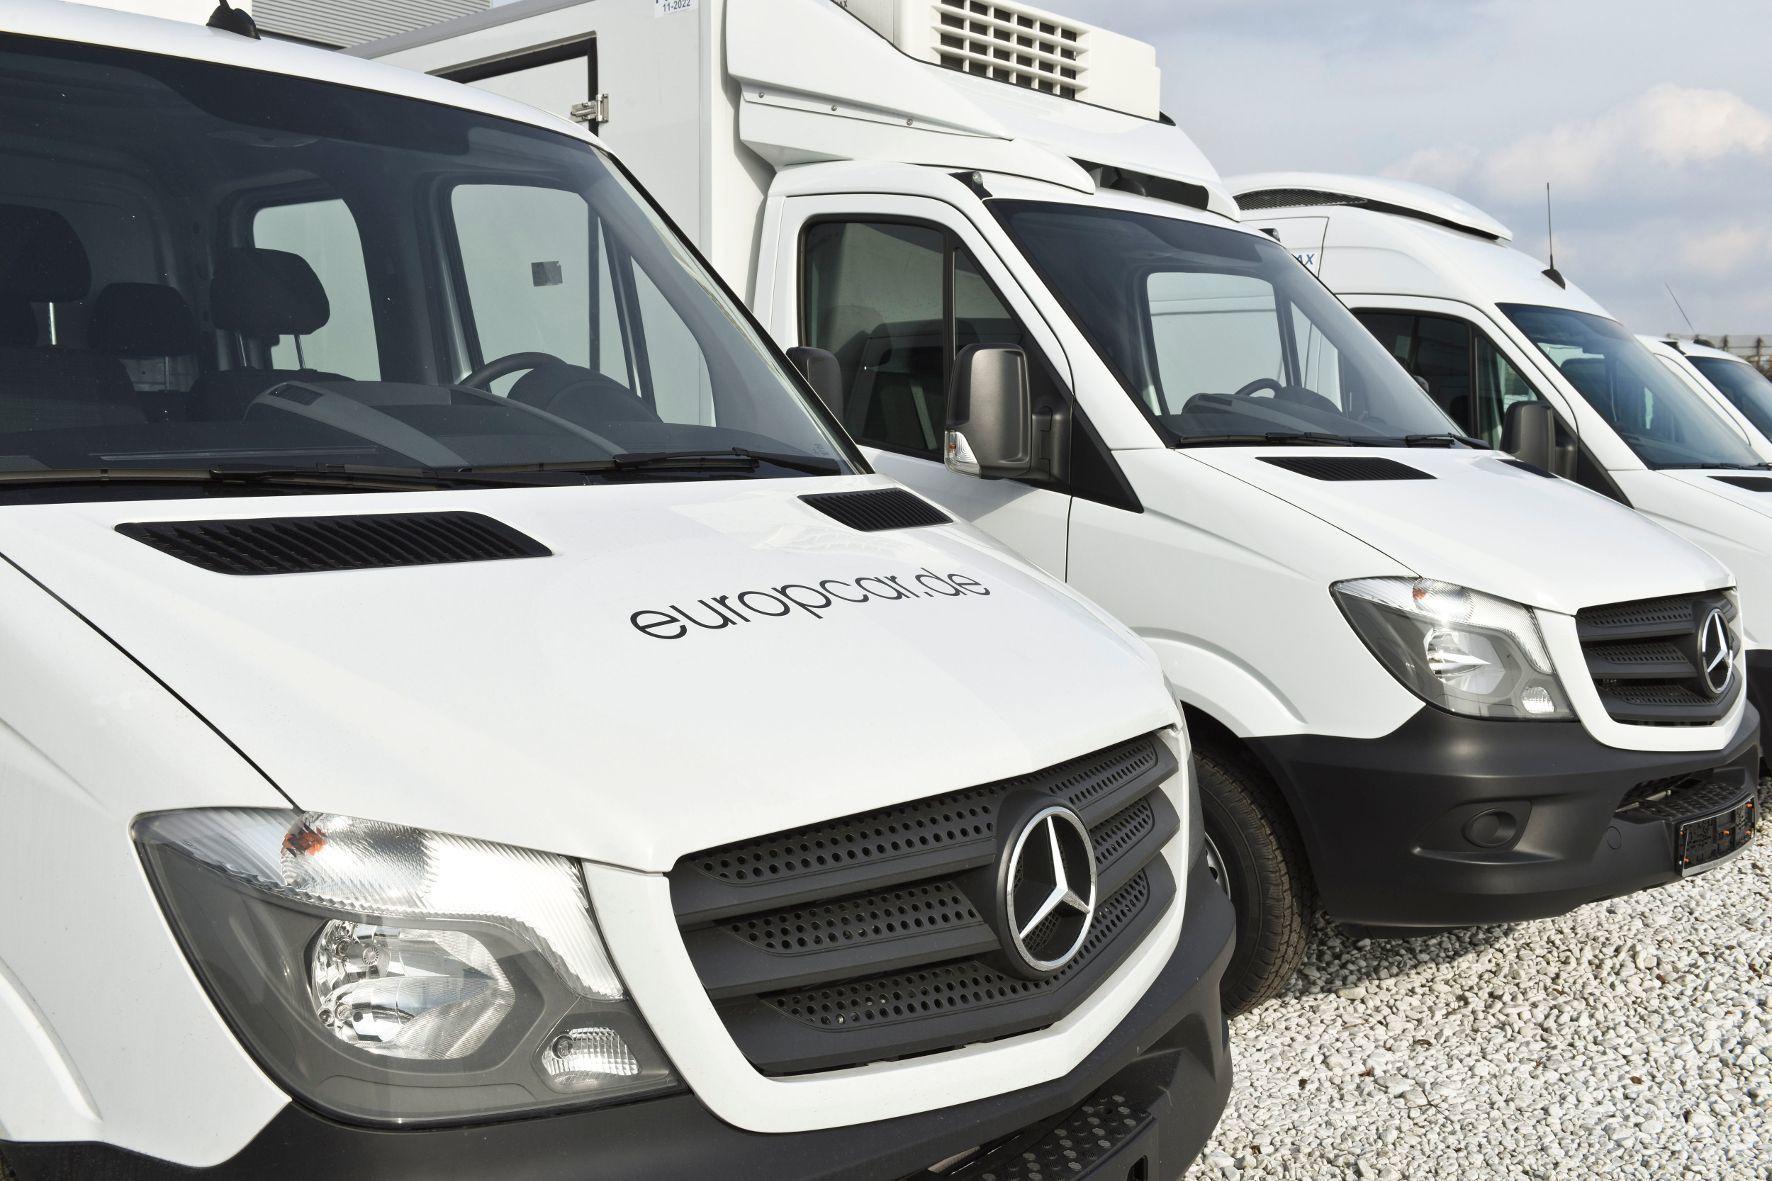 mid Groß-Gerau - Die ersten von mehr als 2.100 Transportern hat Mercedes-Benz jetzt an den Autovermieter Europcar übergeben.